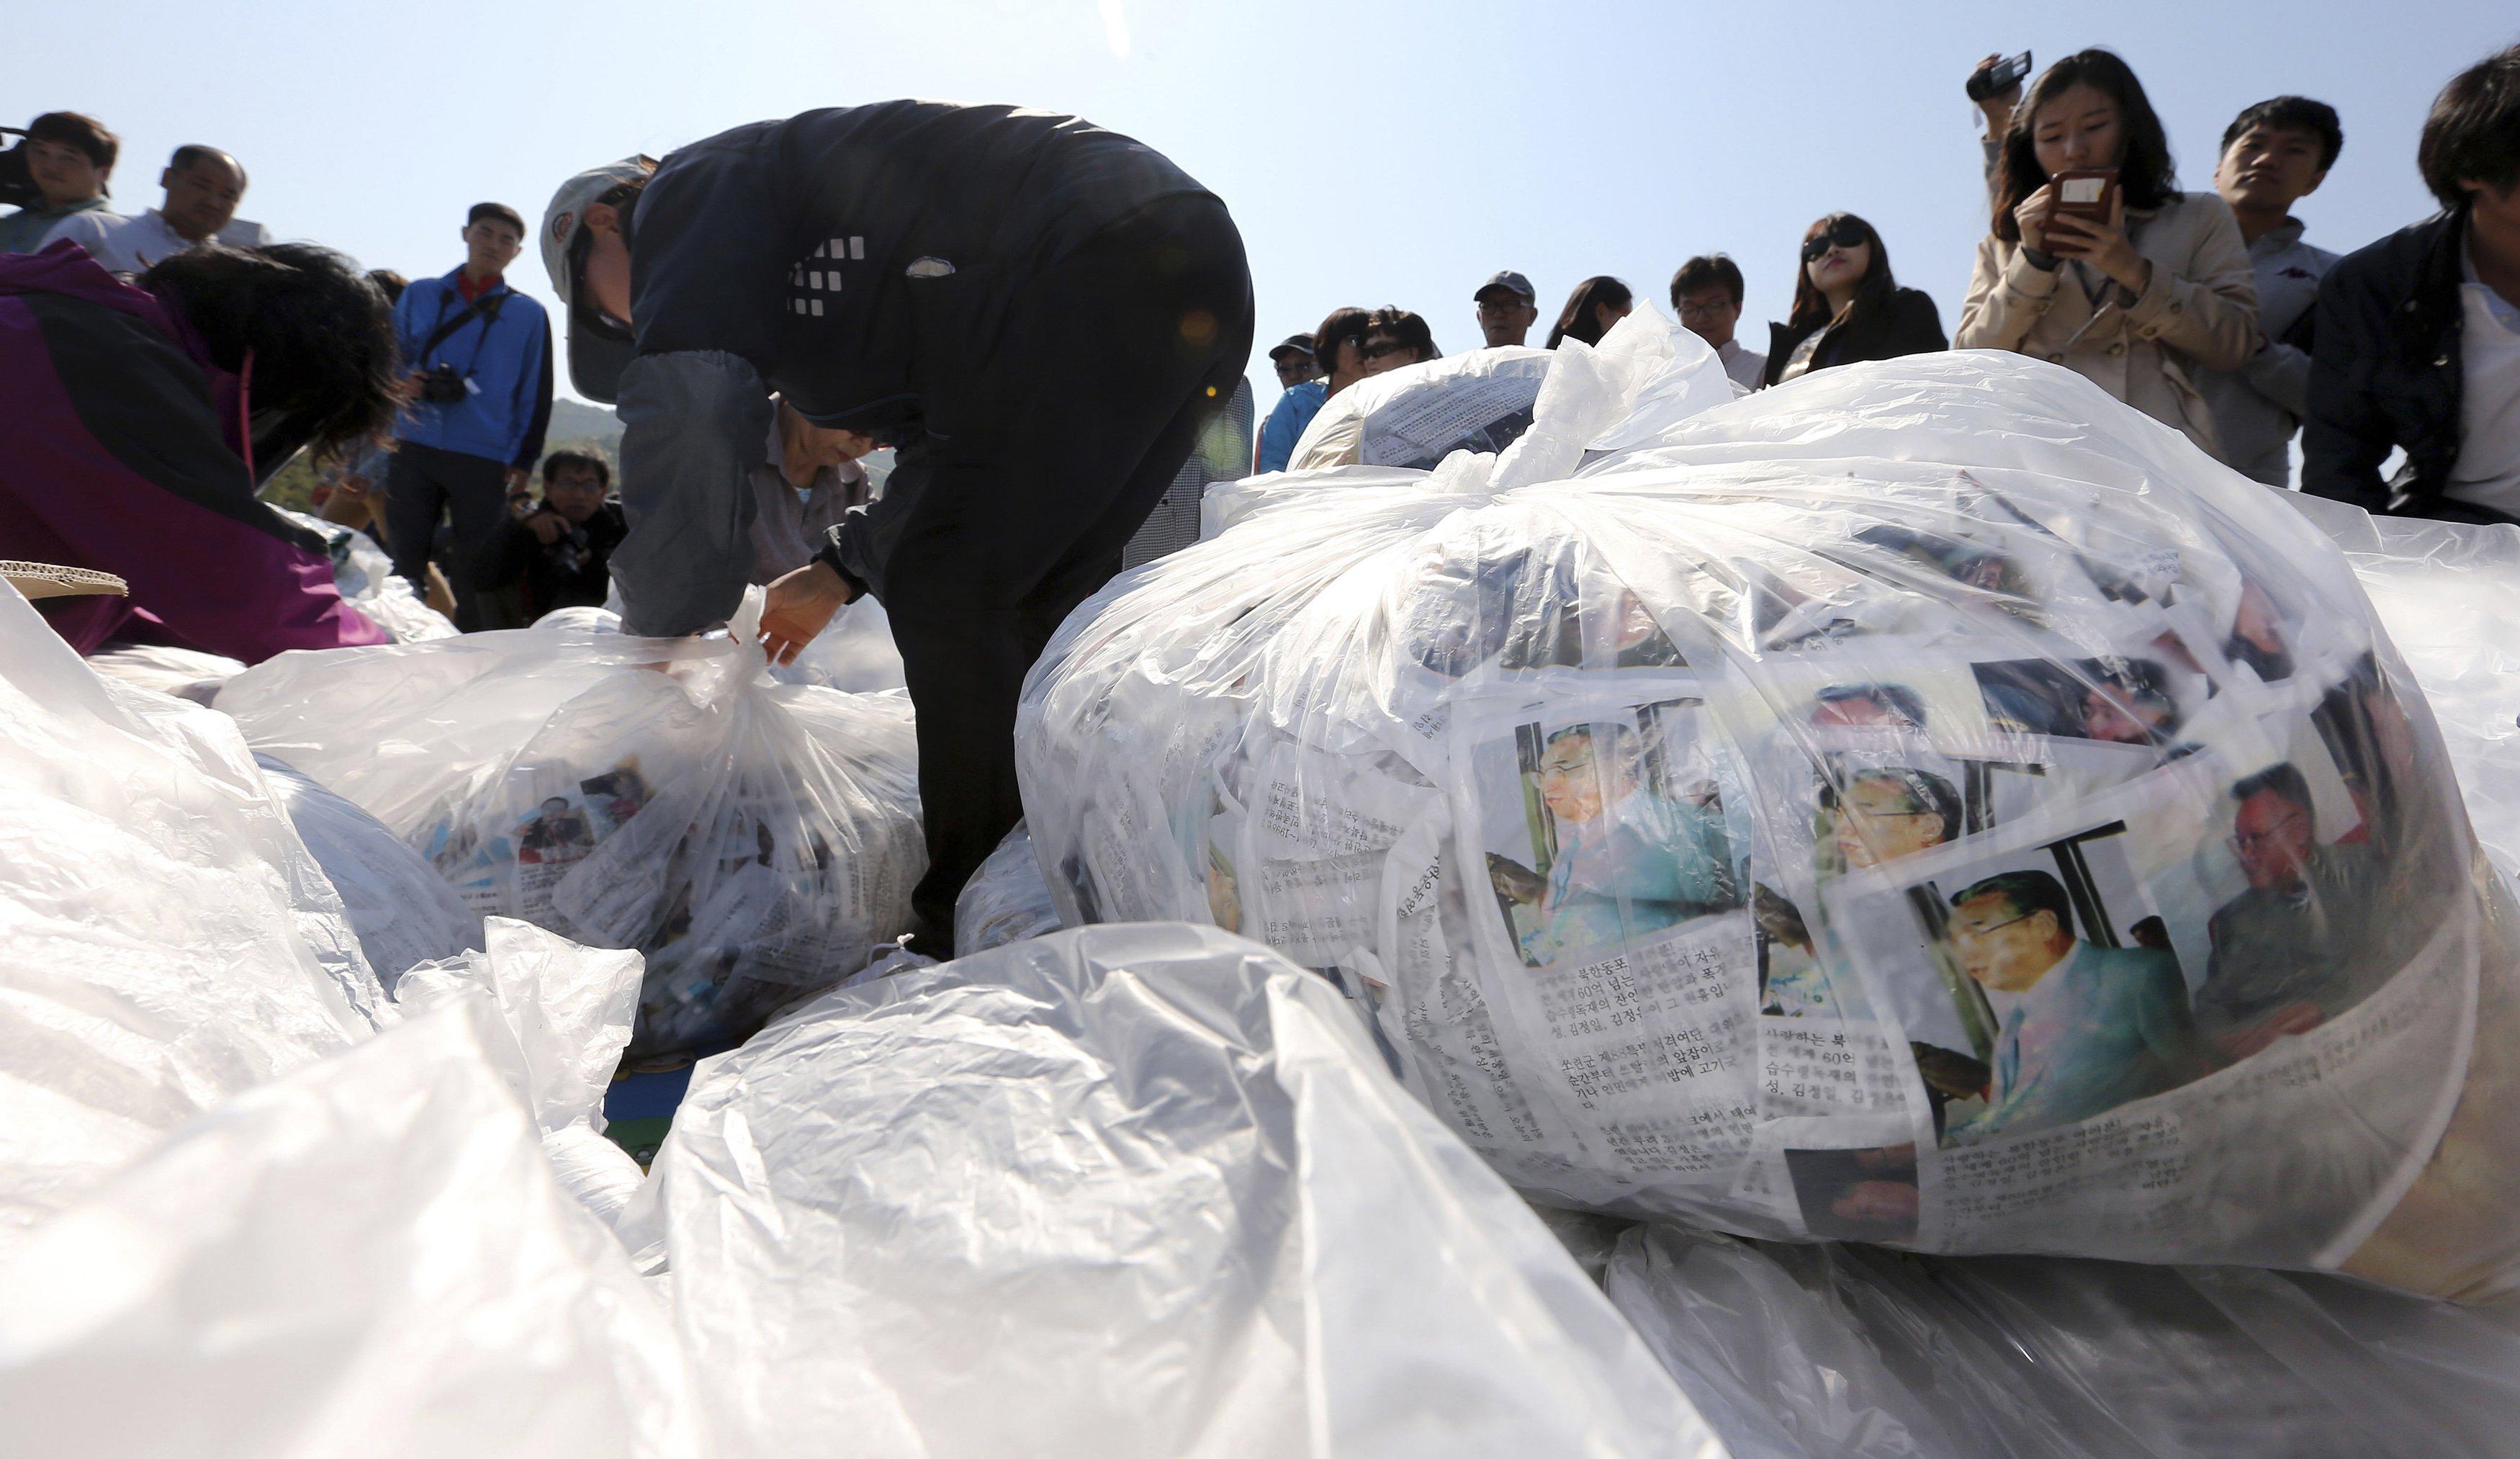 Truyền đơn chuẩn bị được thả ở biên giới hai miền Triều Tiên hôm 10-10.Ảnh: Reuters